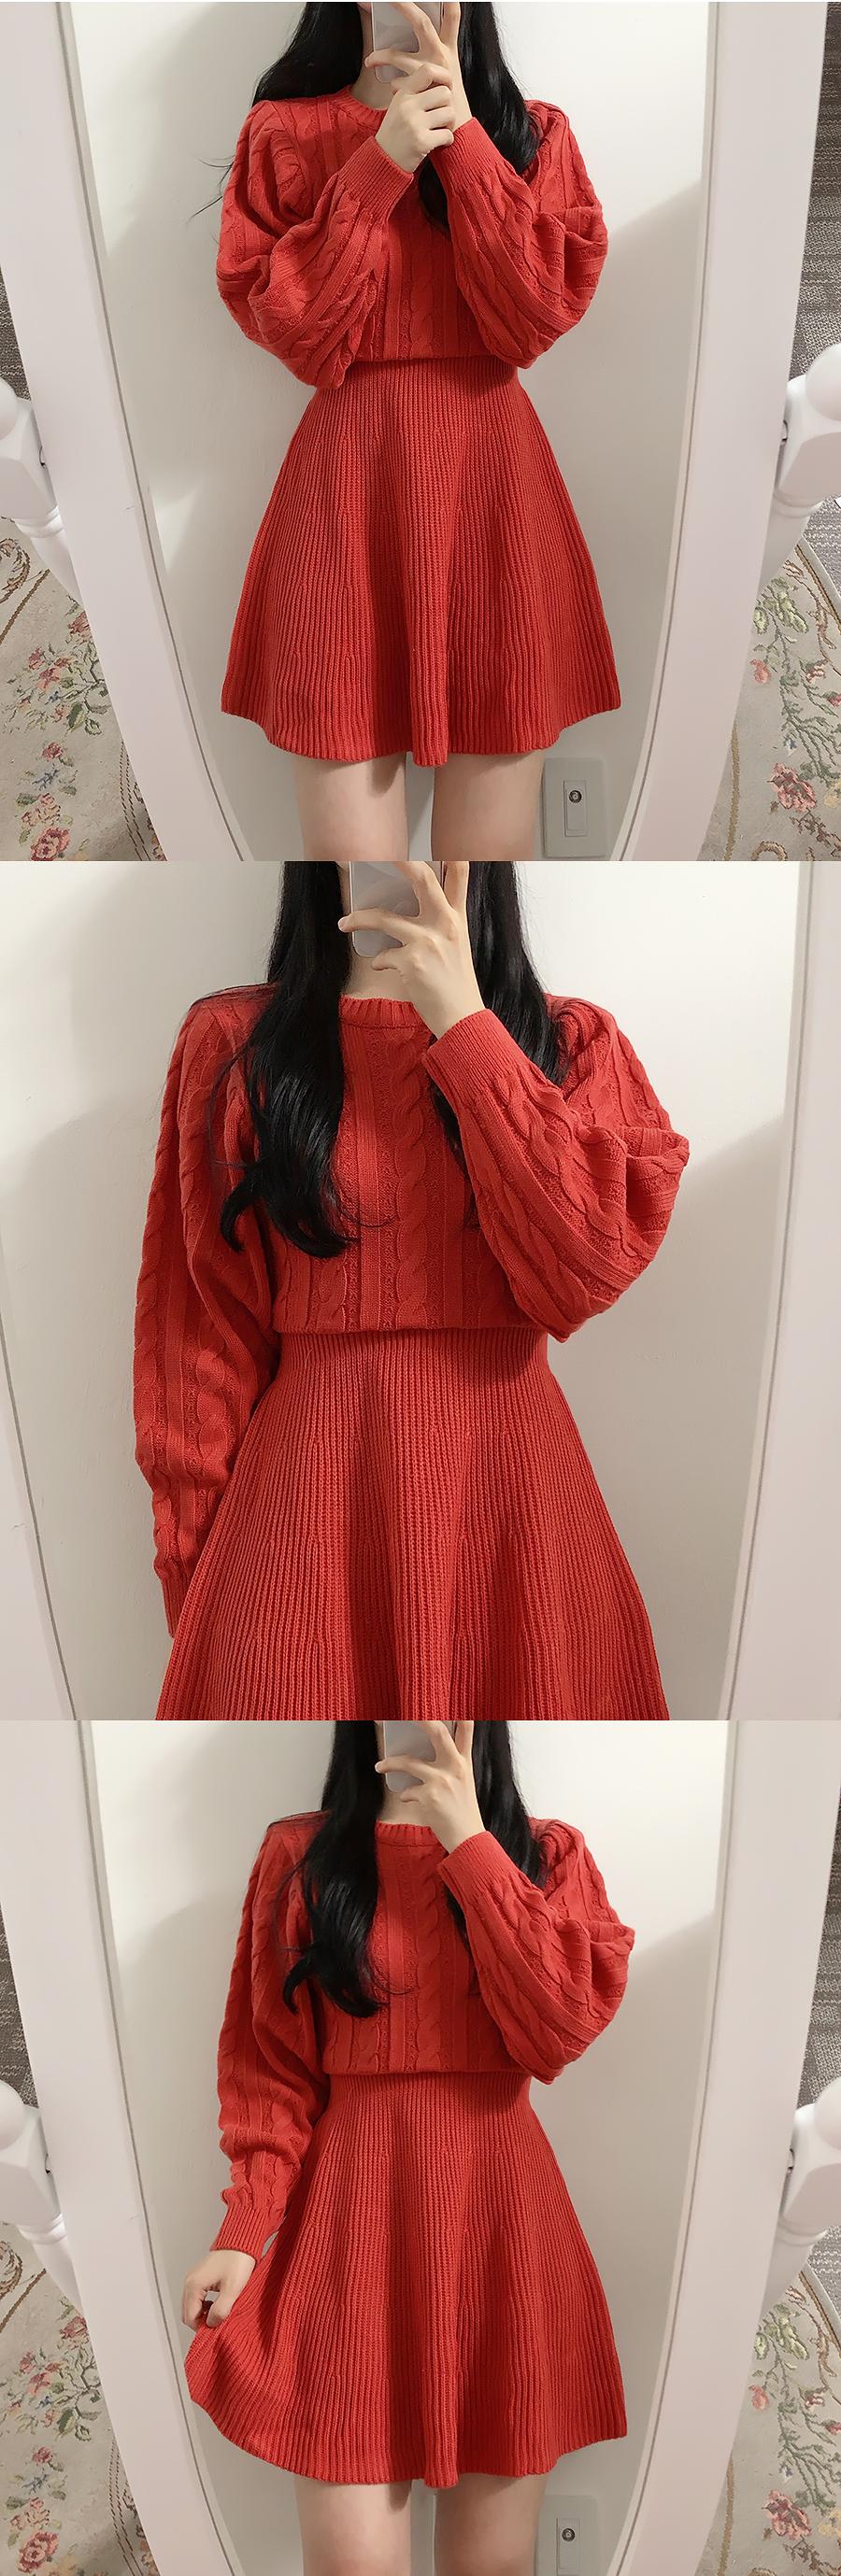 Pretzel Slim Knit Dress